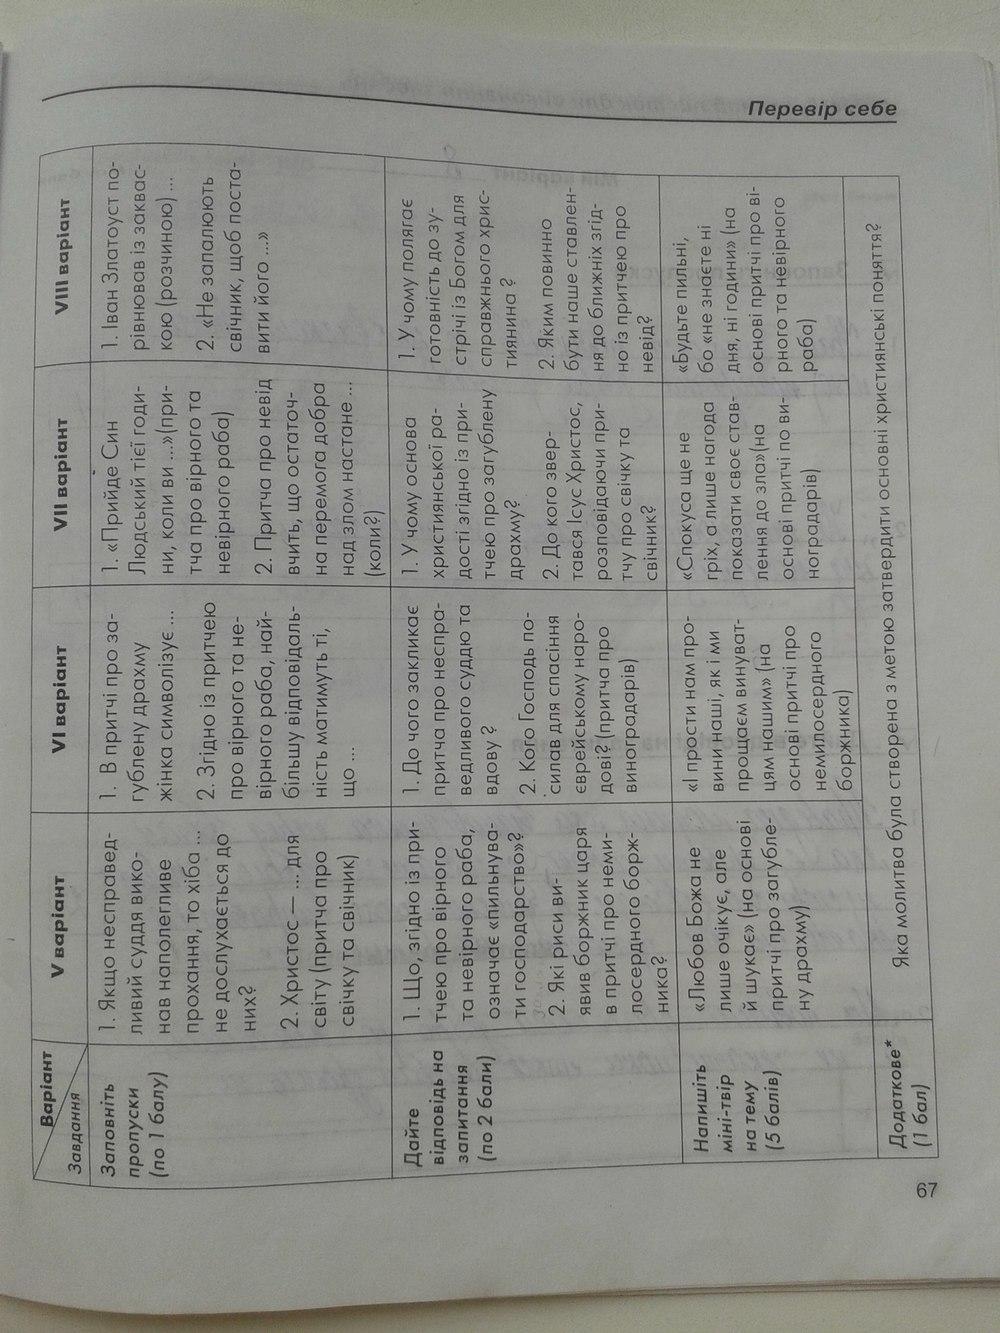 ГДЗ відповіді робочий зошит по этике 6 класс Г.О. Кізілова. Задание: стр. 67